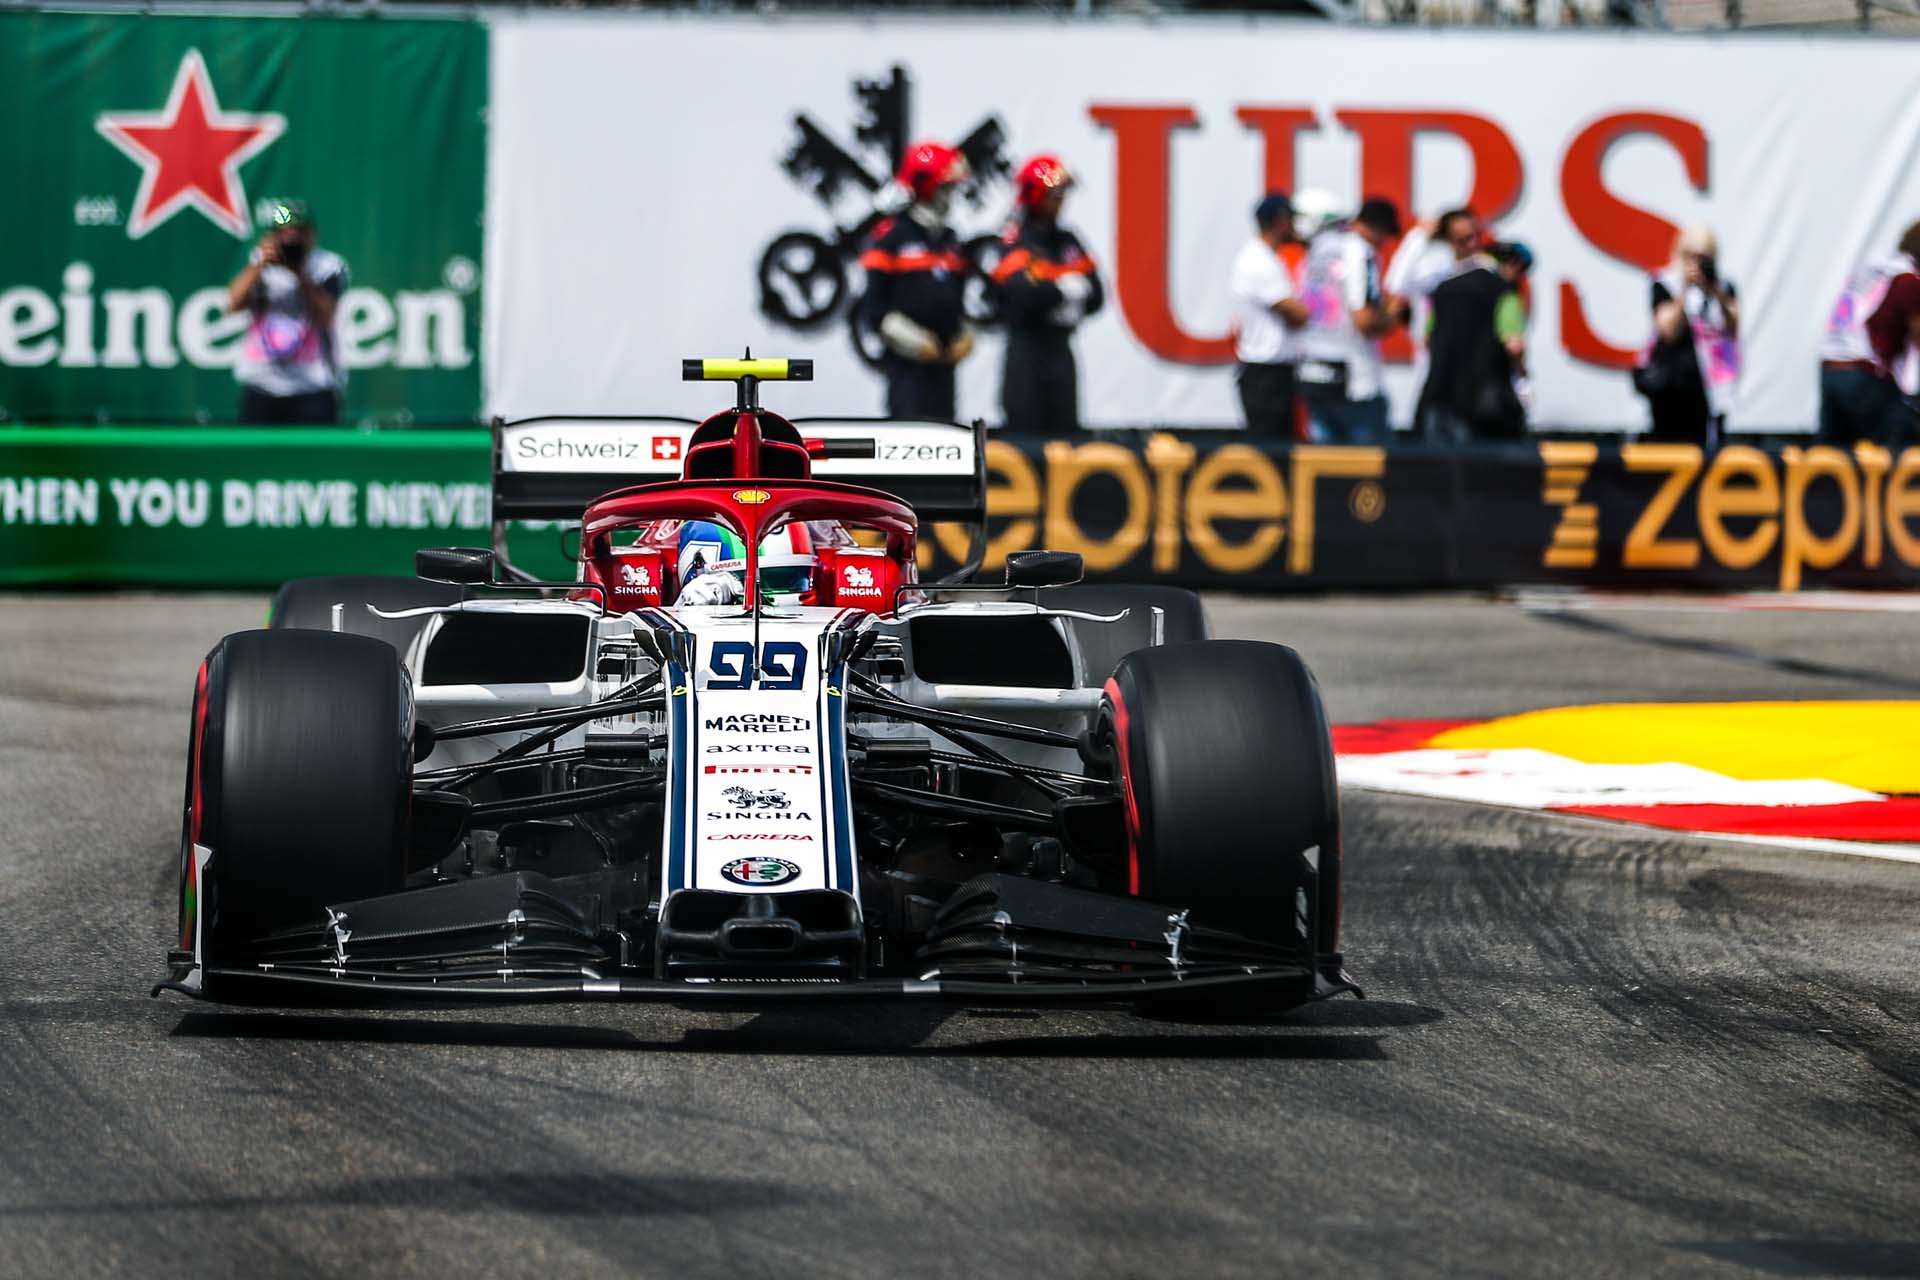 F1 - MONACO GRAND PRIX - 2019